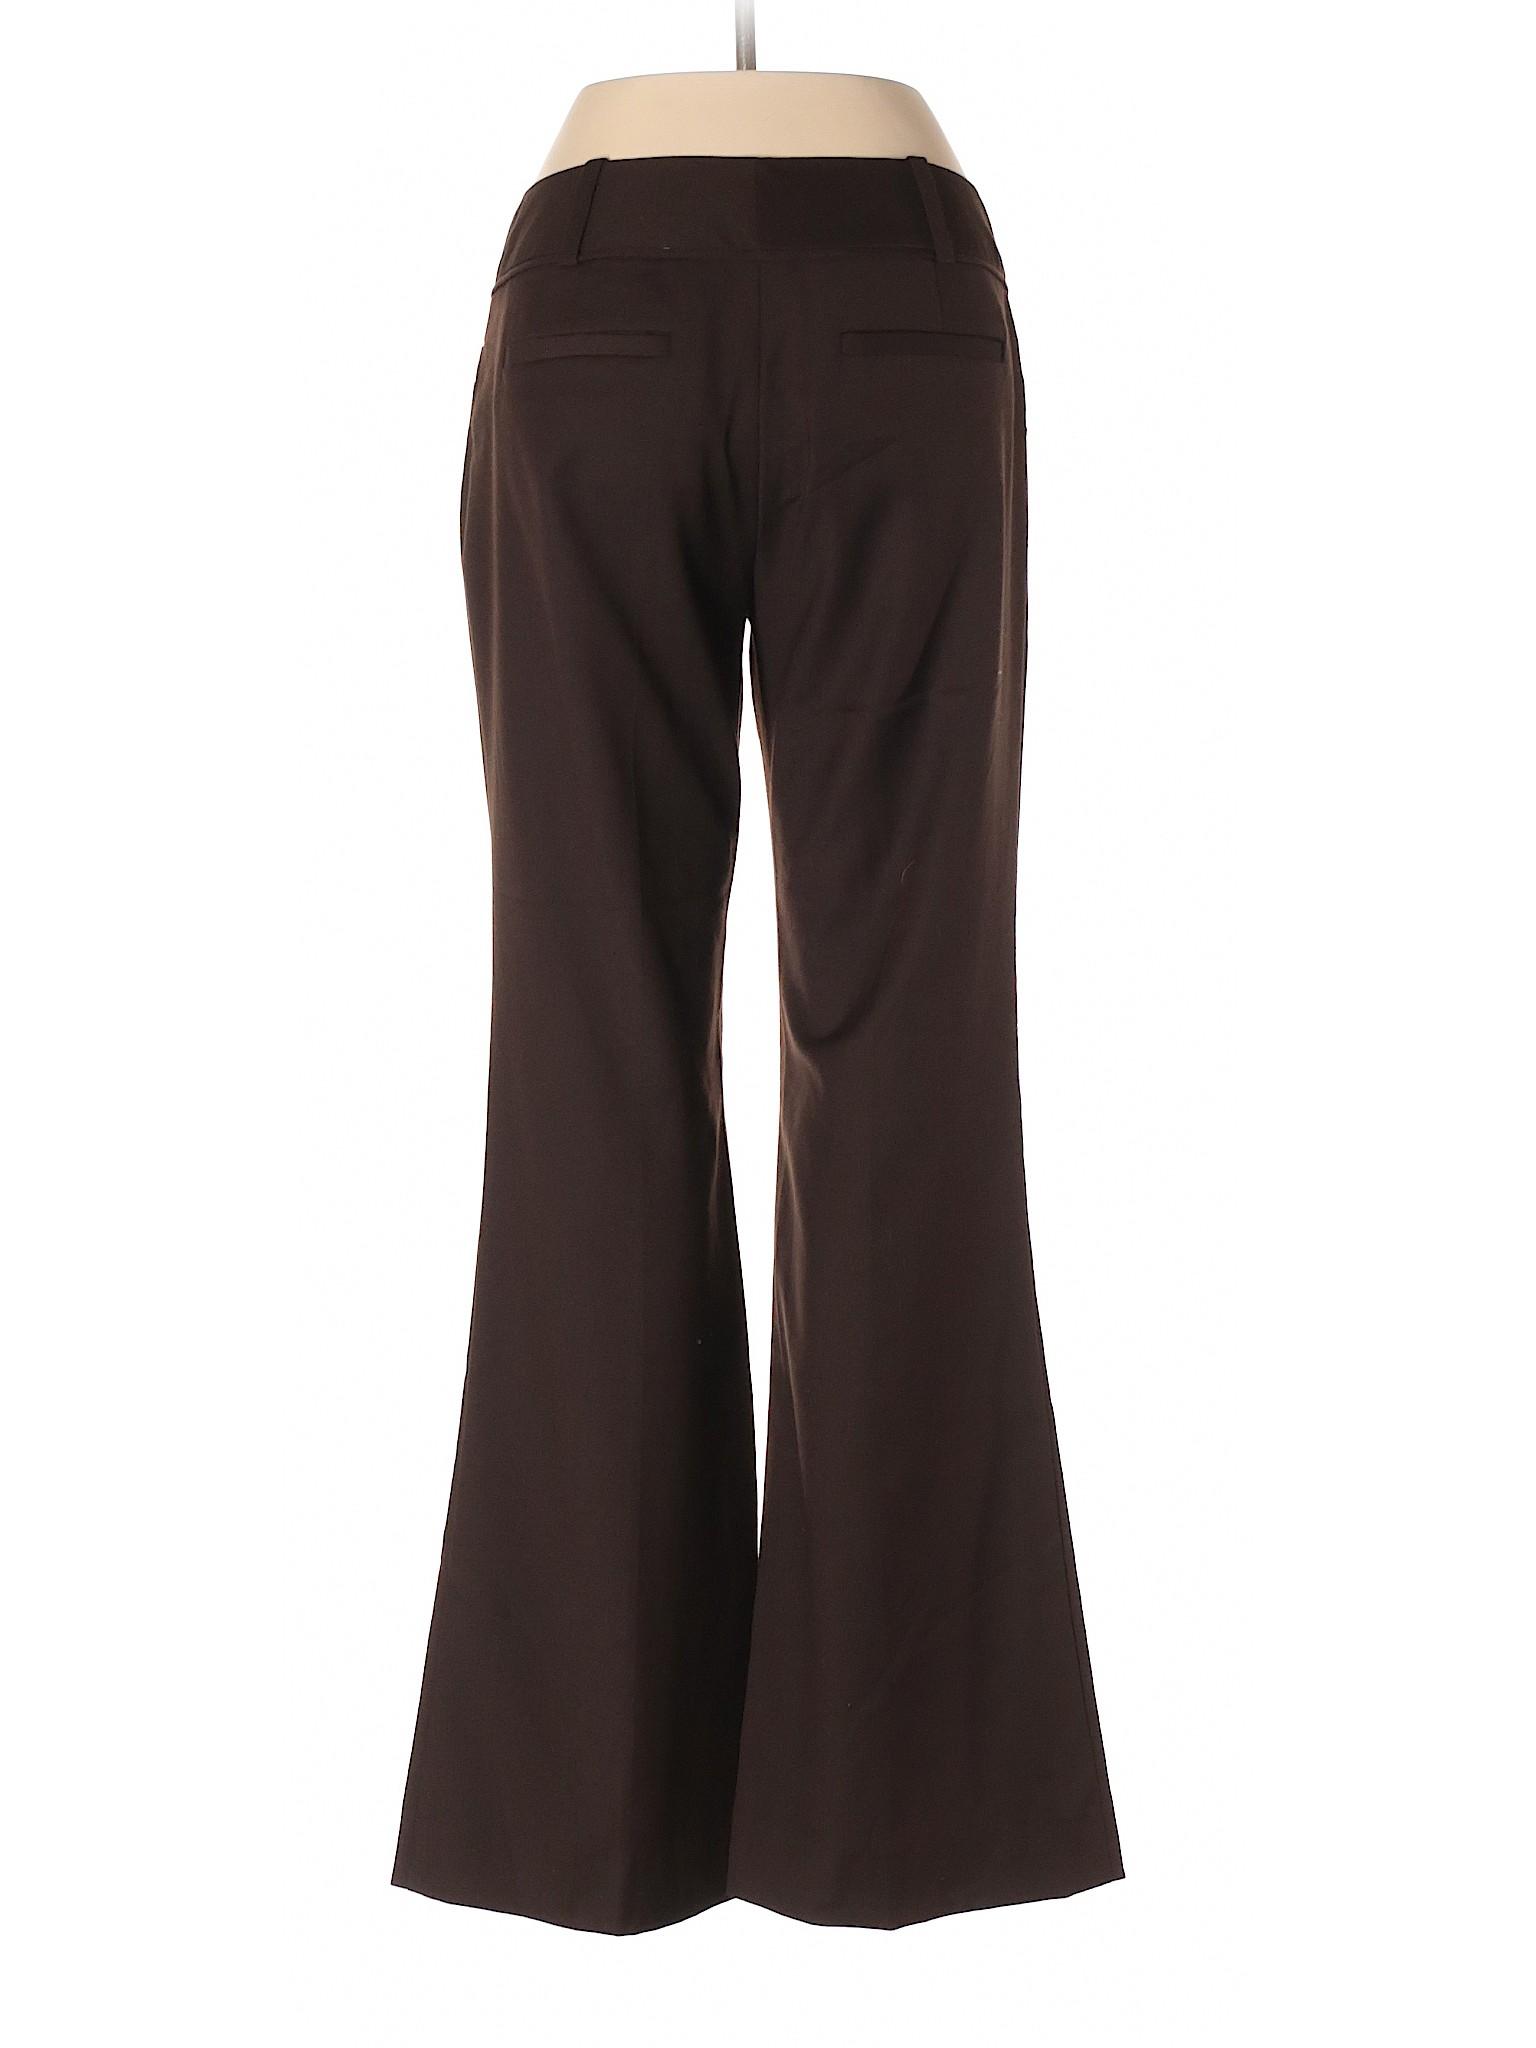 Pants Dress Boutique Limited winter The xnqUz06PI